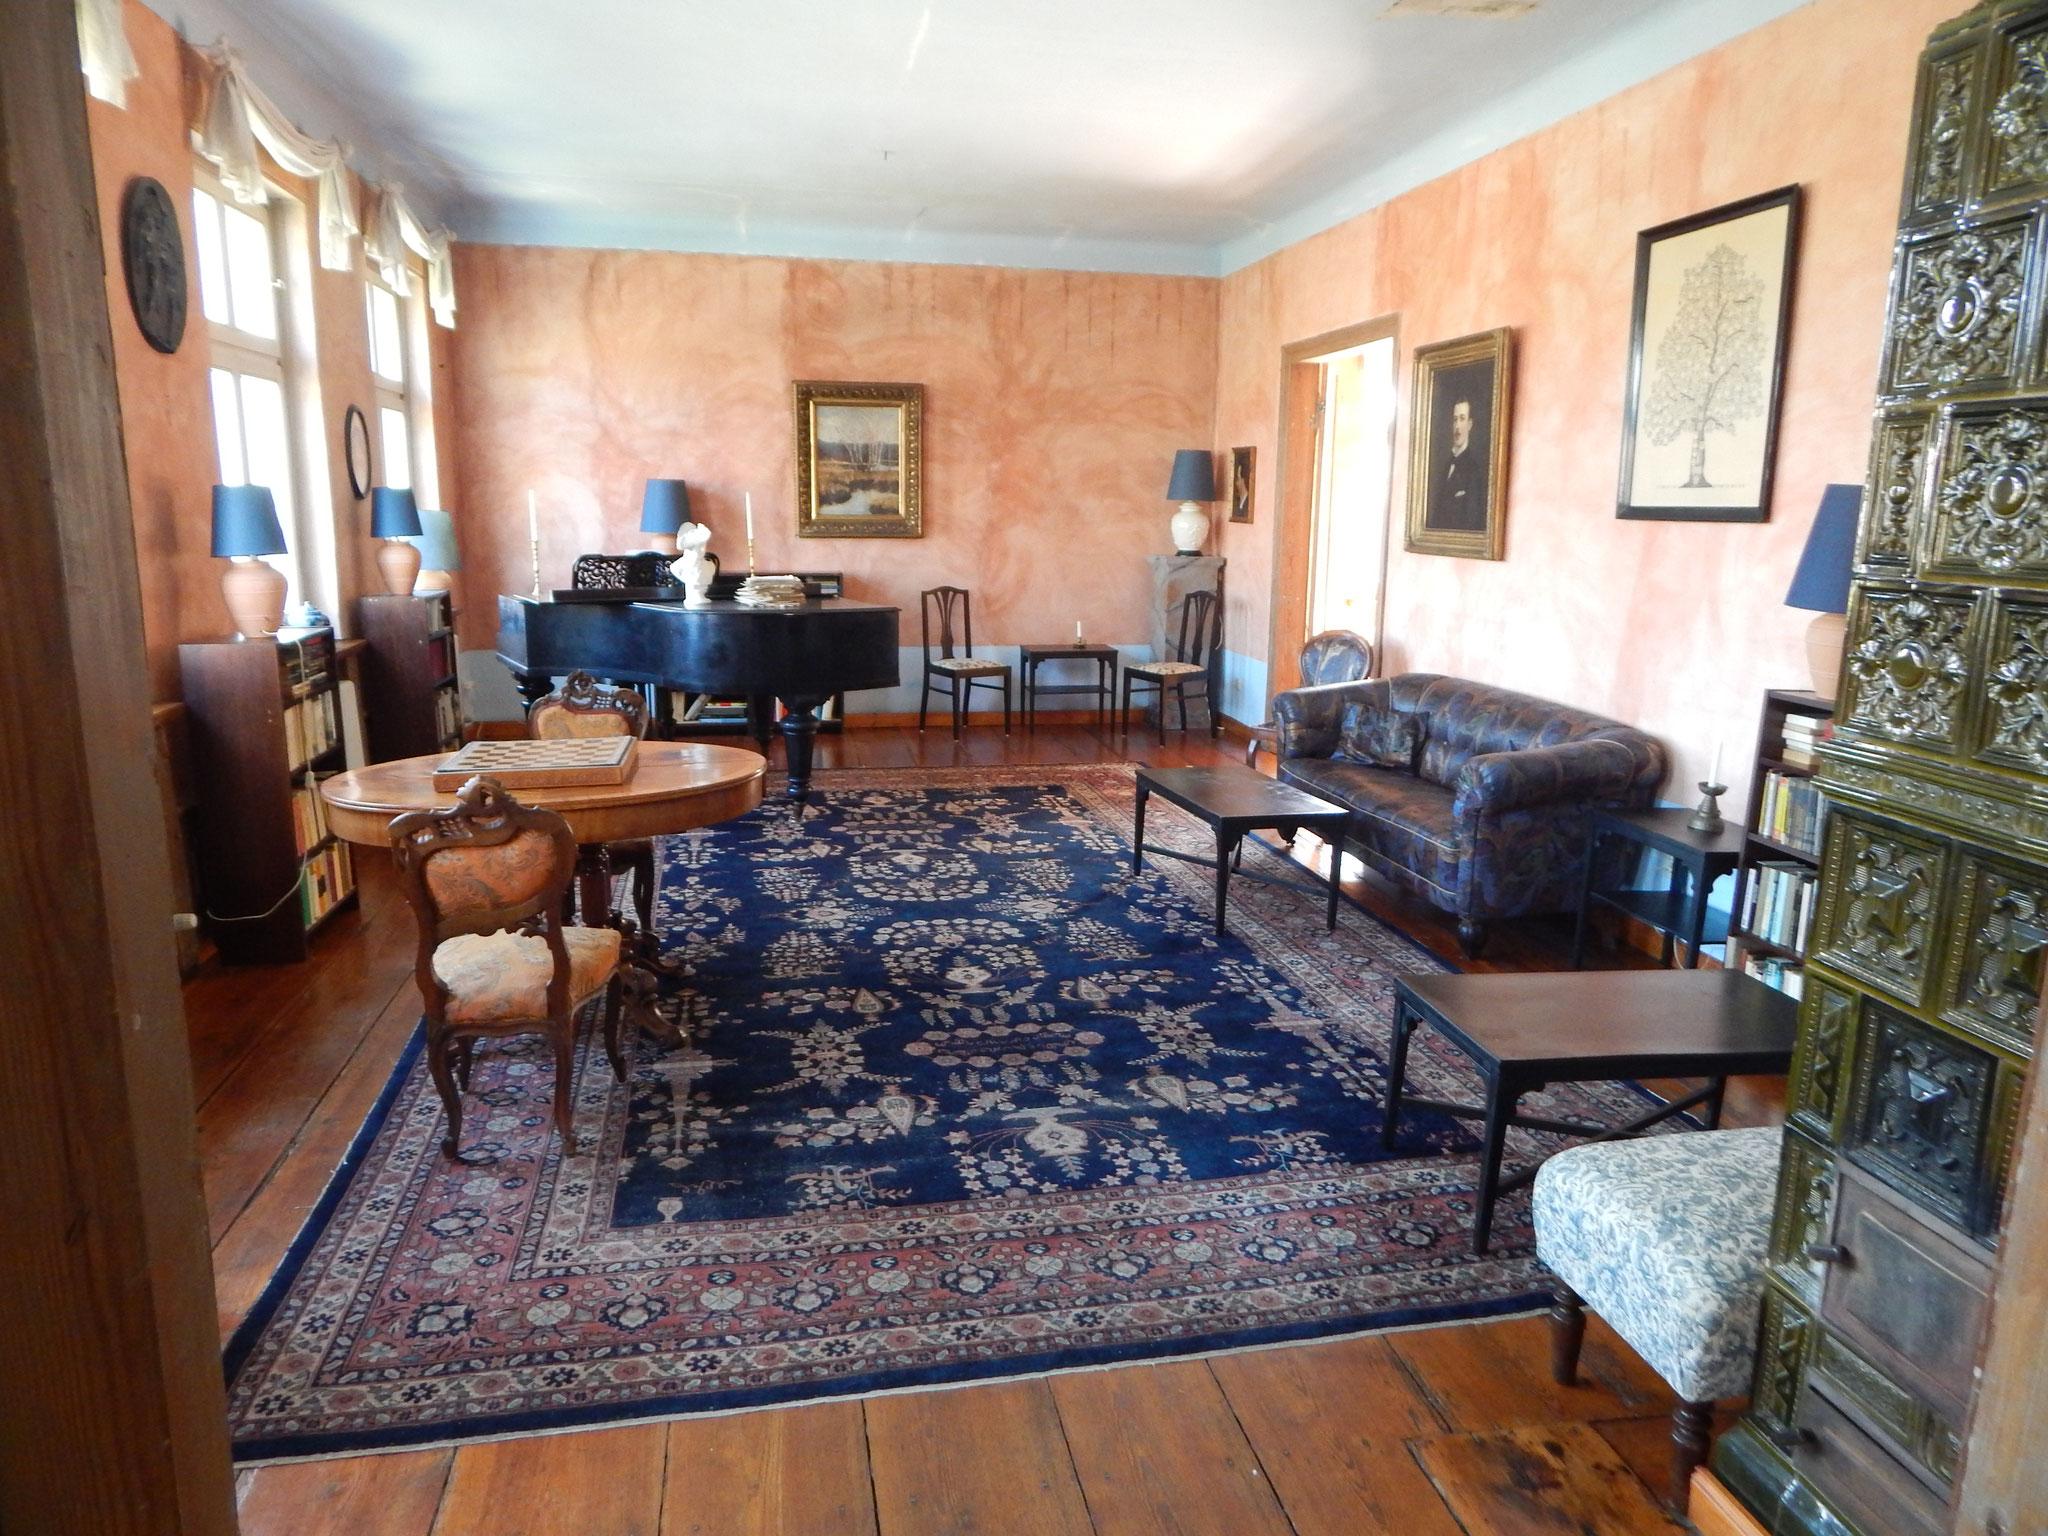 Lesezimmer im Hotel Alte Försterei Kloster Zinna